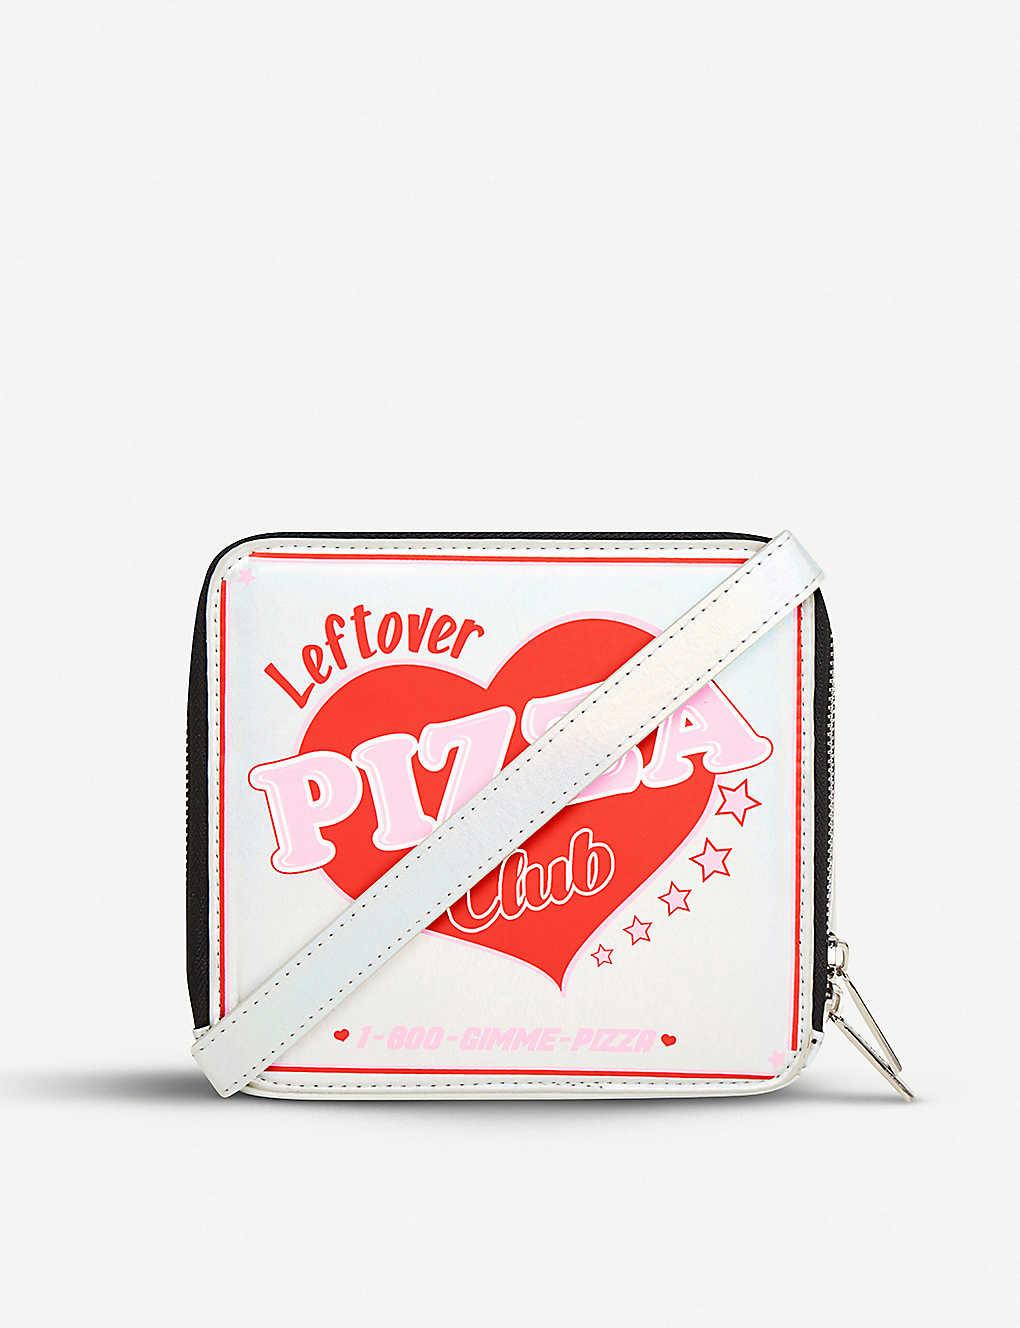 Pizza Club Novelty Cross Body Bag - Silver Skinny Dip o0nTAgd7